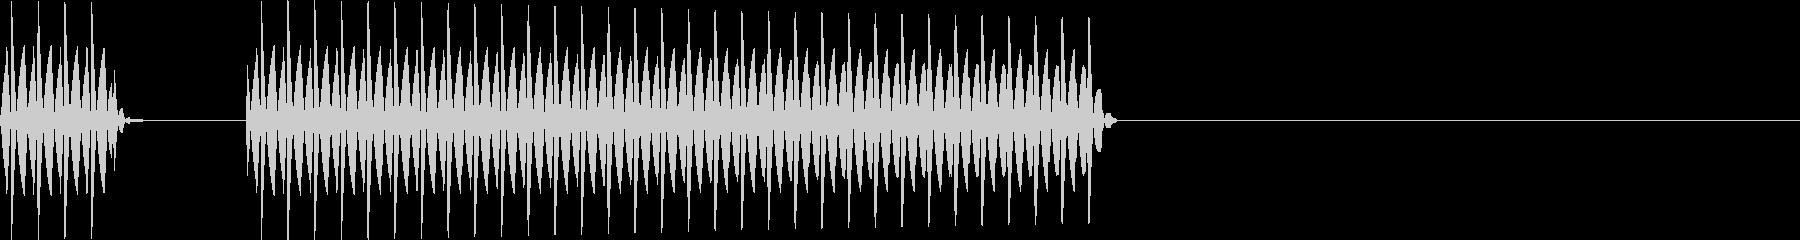 ブブー(クイズ_不正解)の未再生の波形